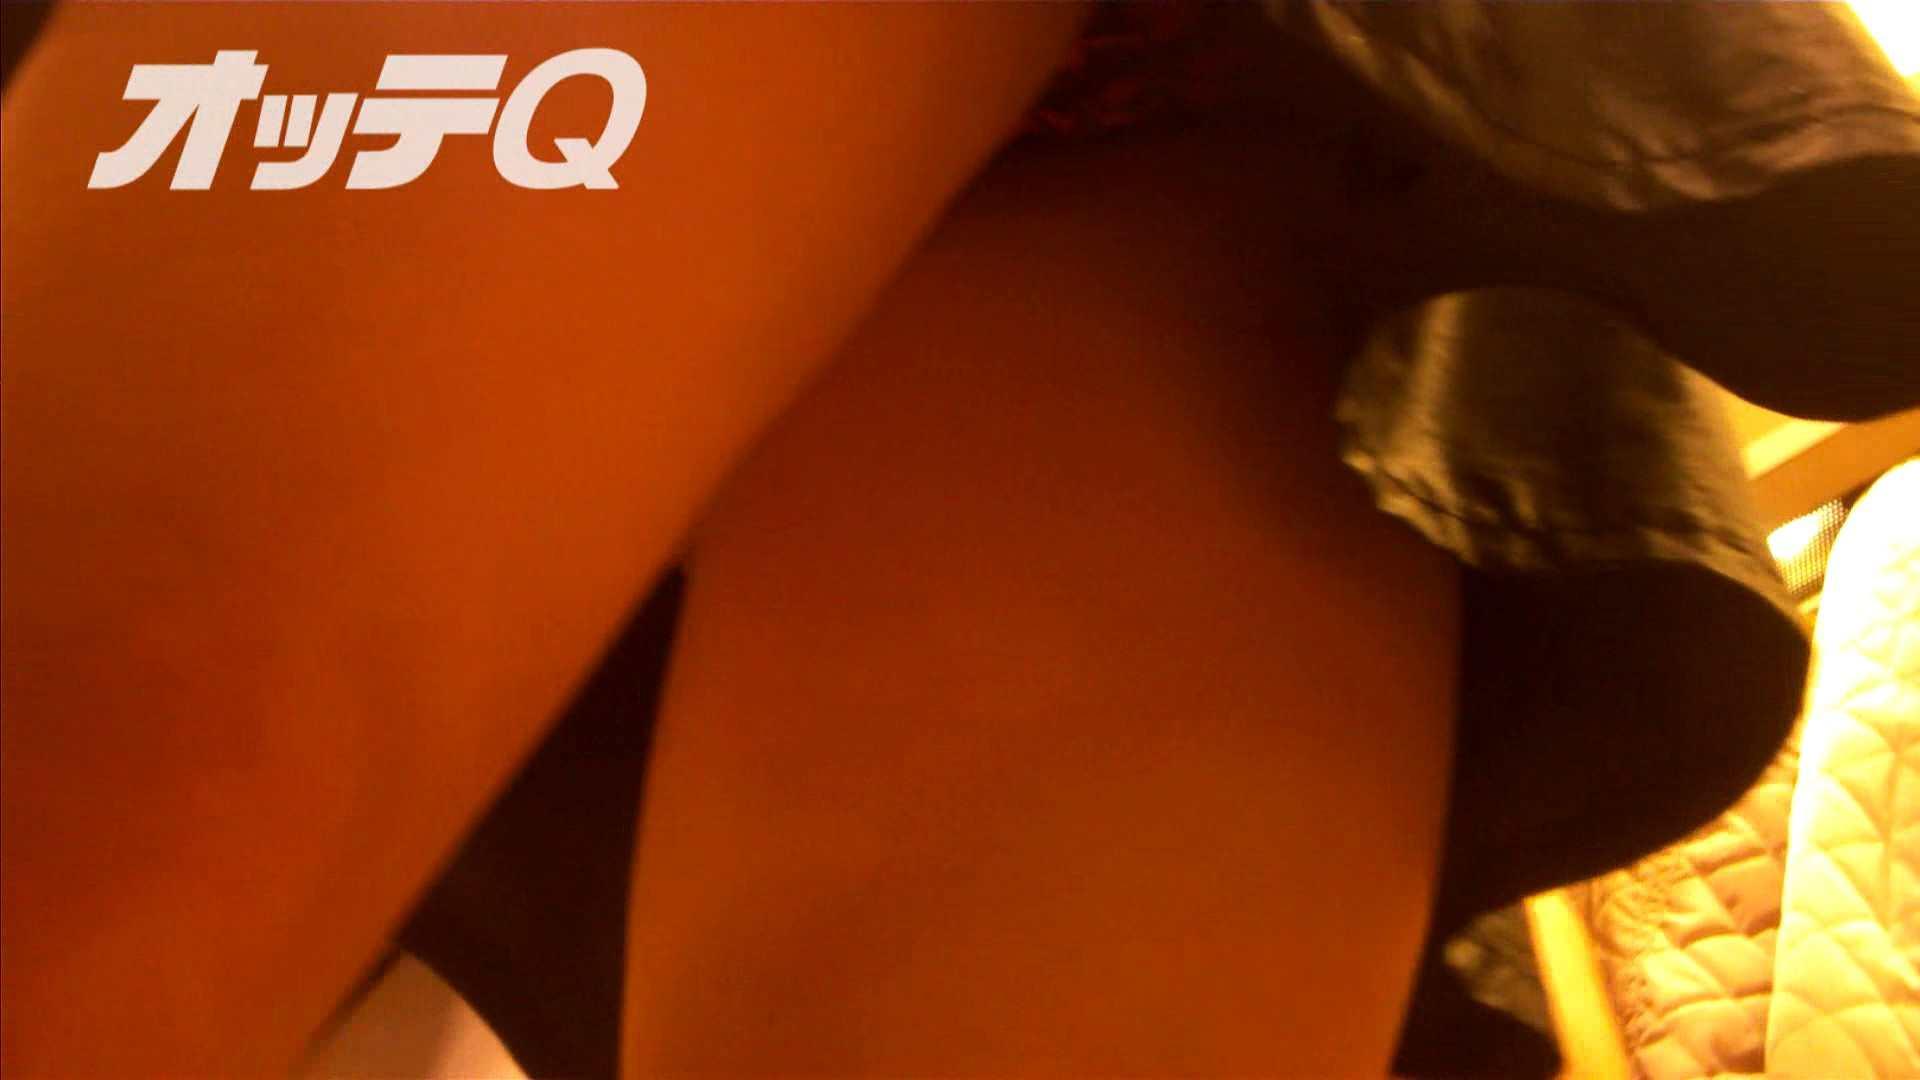 ハイビジョンパンチラ オッテQさんの追跡パンチラデパート編VOL.03 追跡 セックス無修正動画無料 74PIX 23